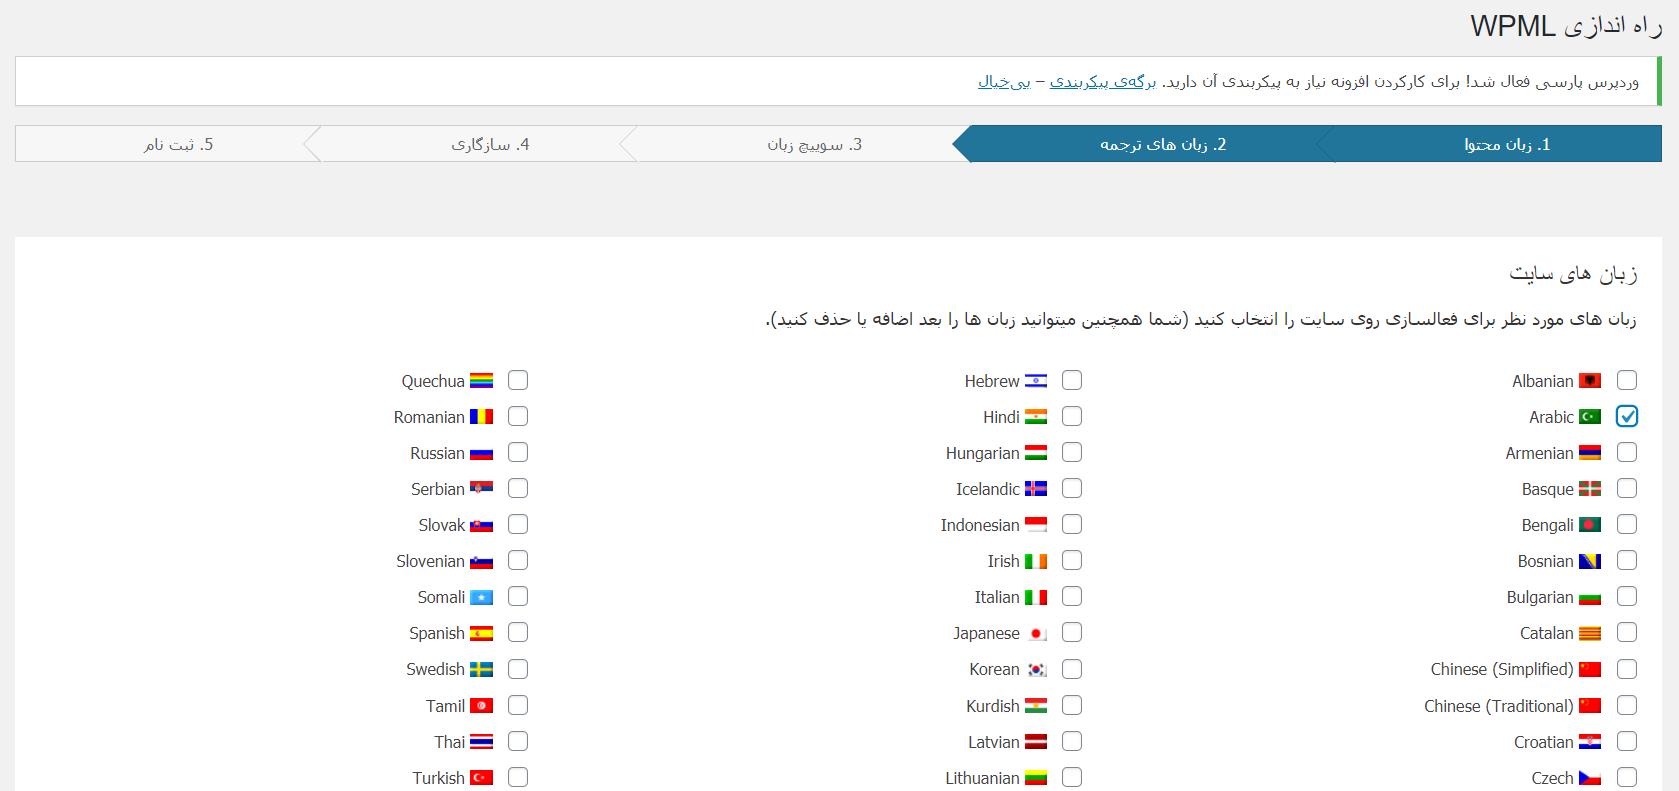 افزونه چند زبانه کردن سایت وردپرس | افزونه WPML | پلاگین دو زبانه کردن سایت | WPML Multilingual CMS | افزونه ای برای دو زبانه کردن سایت | ایجاد سایت دو زبانه در وردپرس | پلاگین WPML